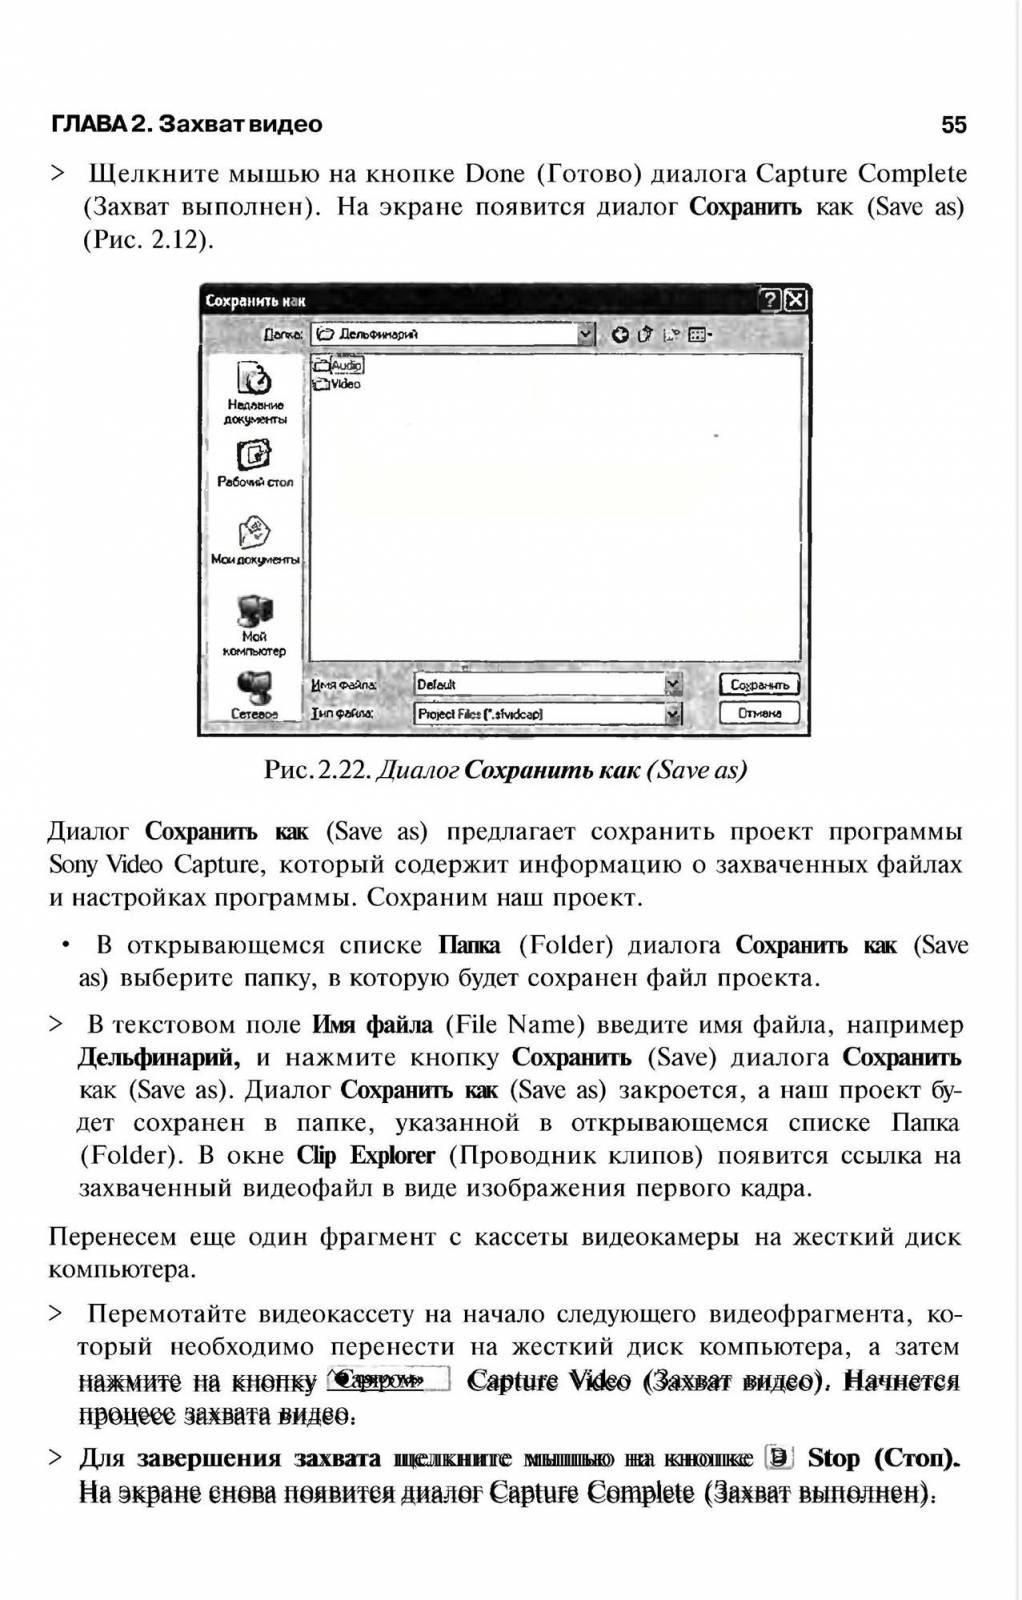 http://redaktori-uroki.3dn.ru/_ph/13/893941911.jpg